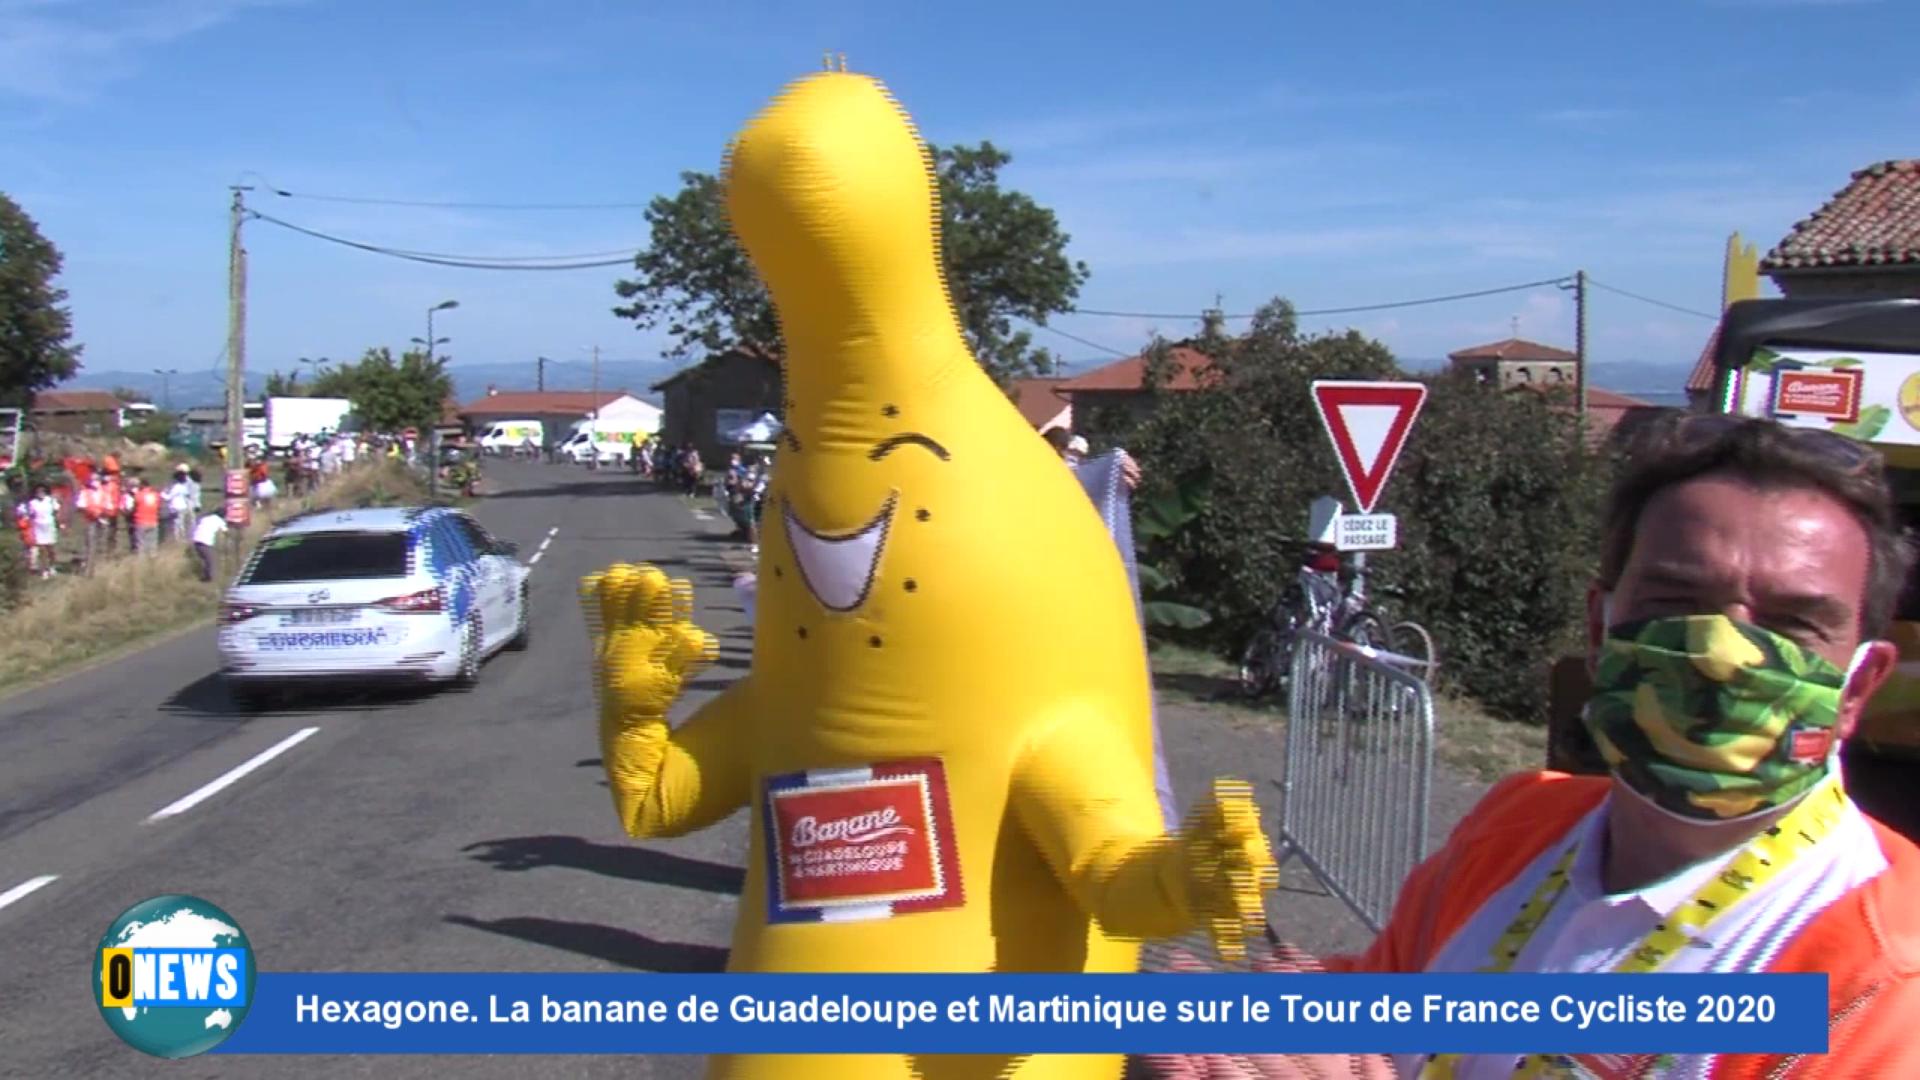 [Vidéo]Onews Hexagone. La banane de Guadeloupe et Martinique sur le Tour de France Cycliste